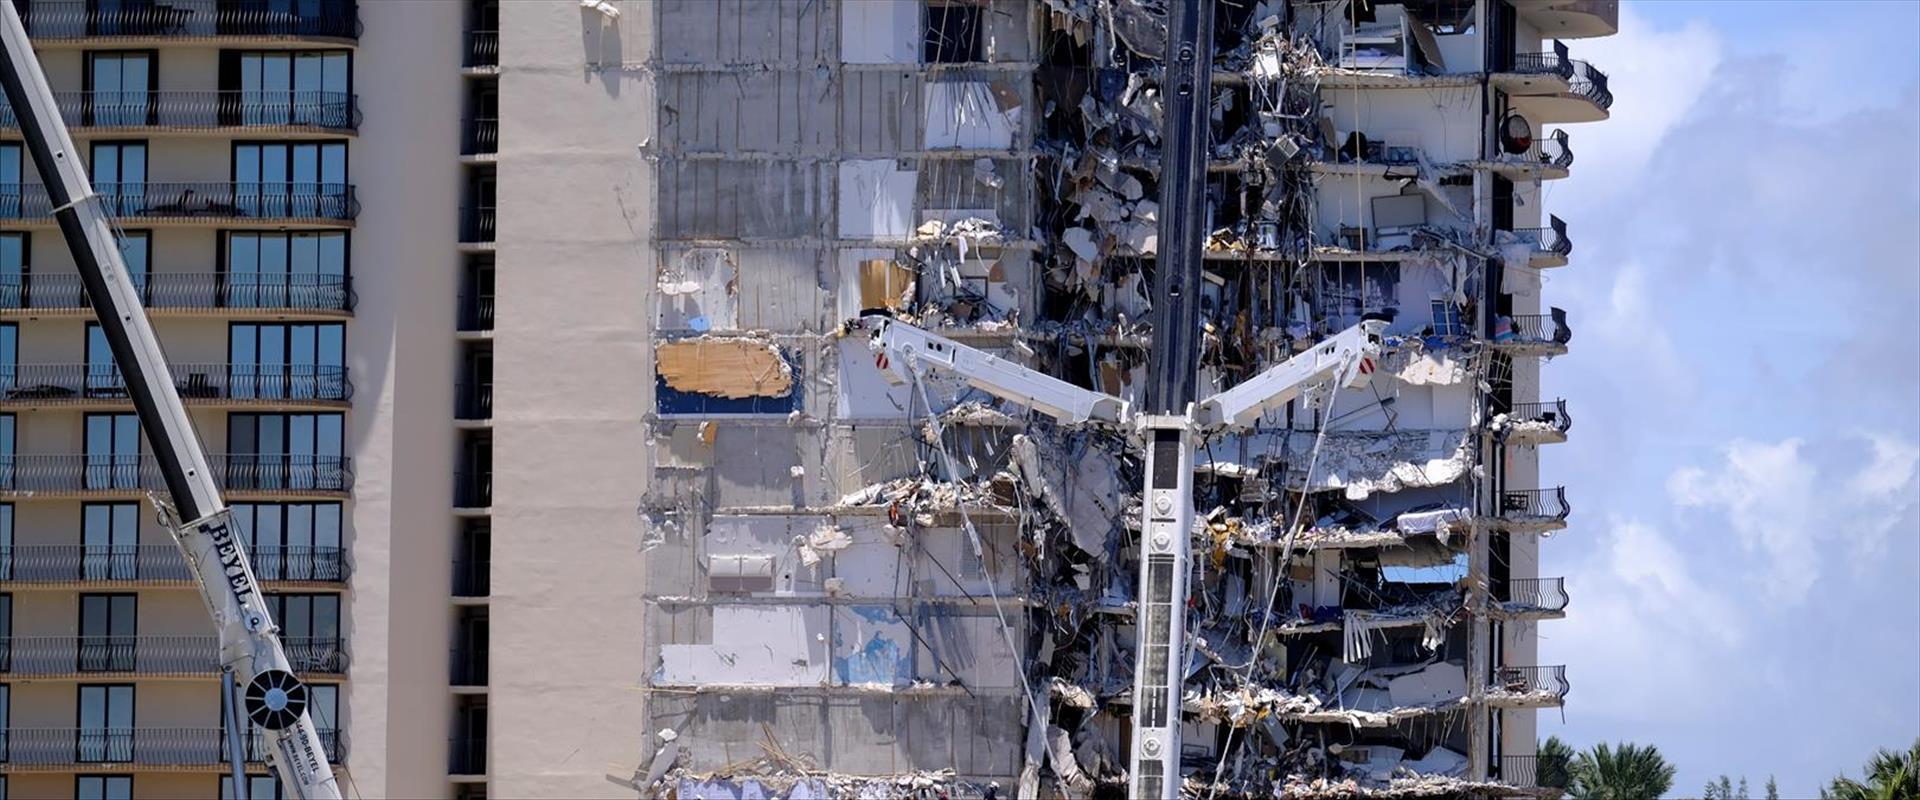 בניין המגורים שקרס חלקית בסרפסייד מיאמי, אתמול